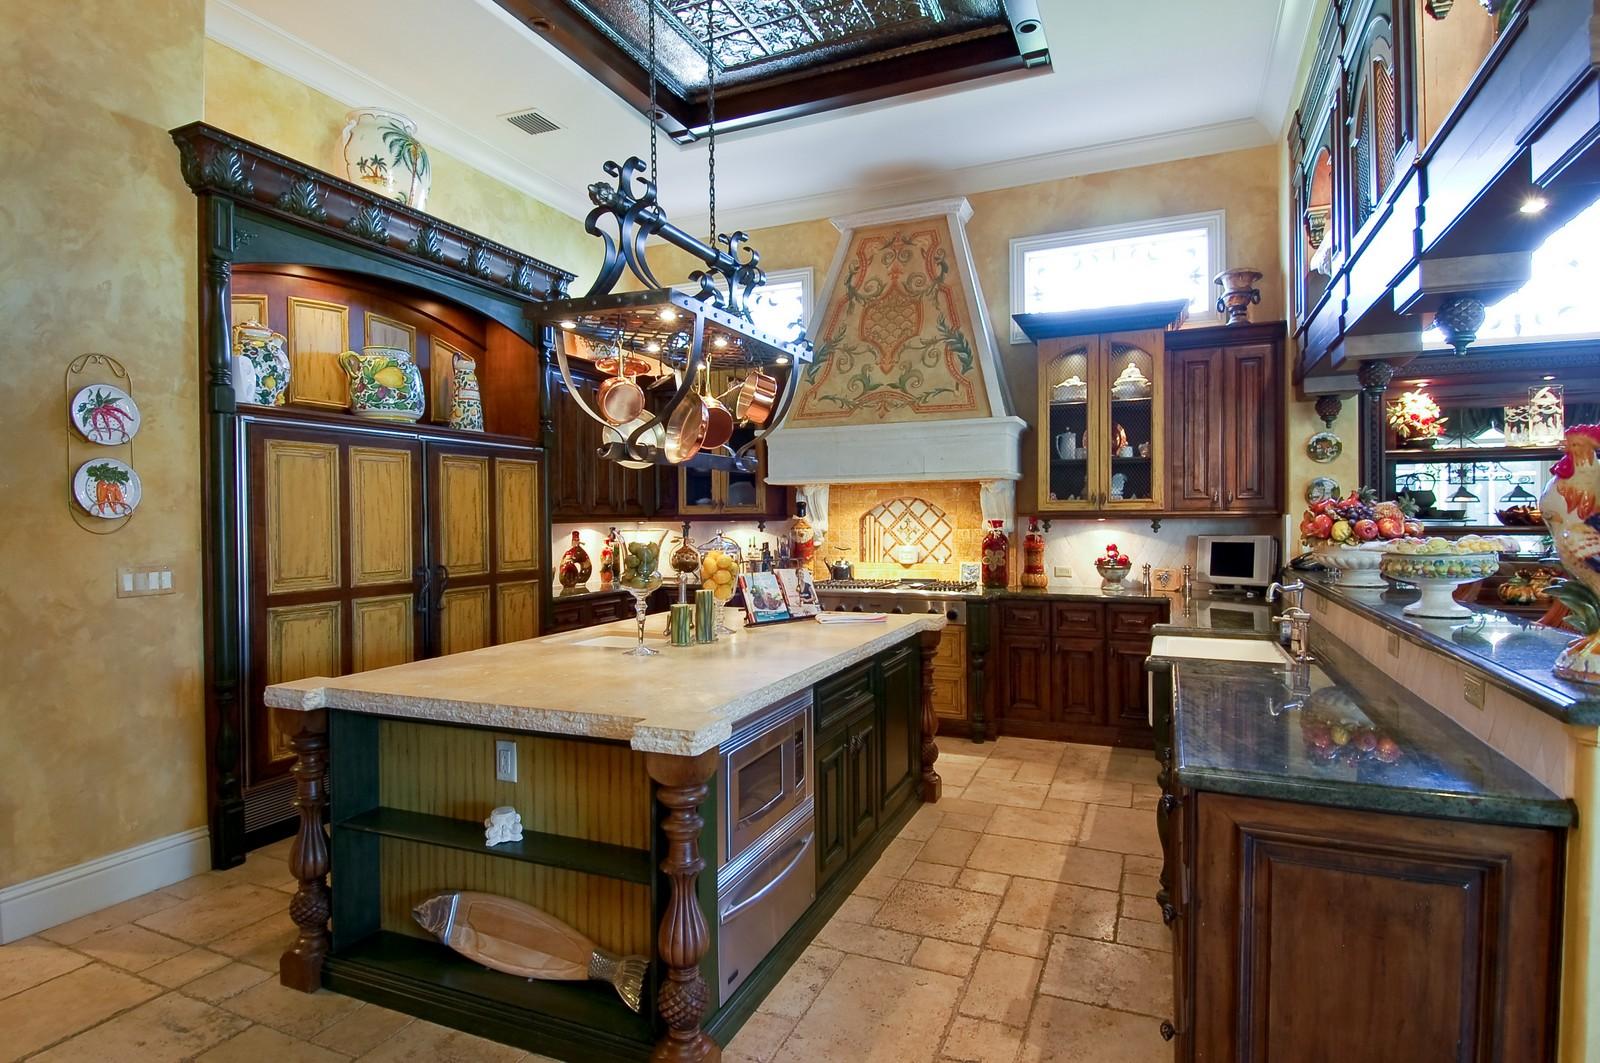 Real Estate Photography - 215 Royal Palm Way, Boca Raton, FL, 33432 - Kitchen